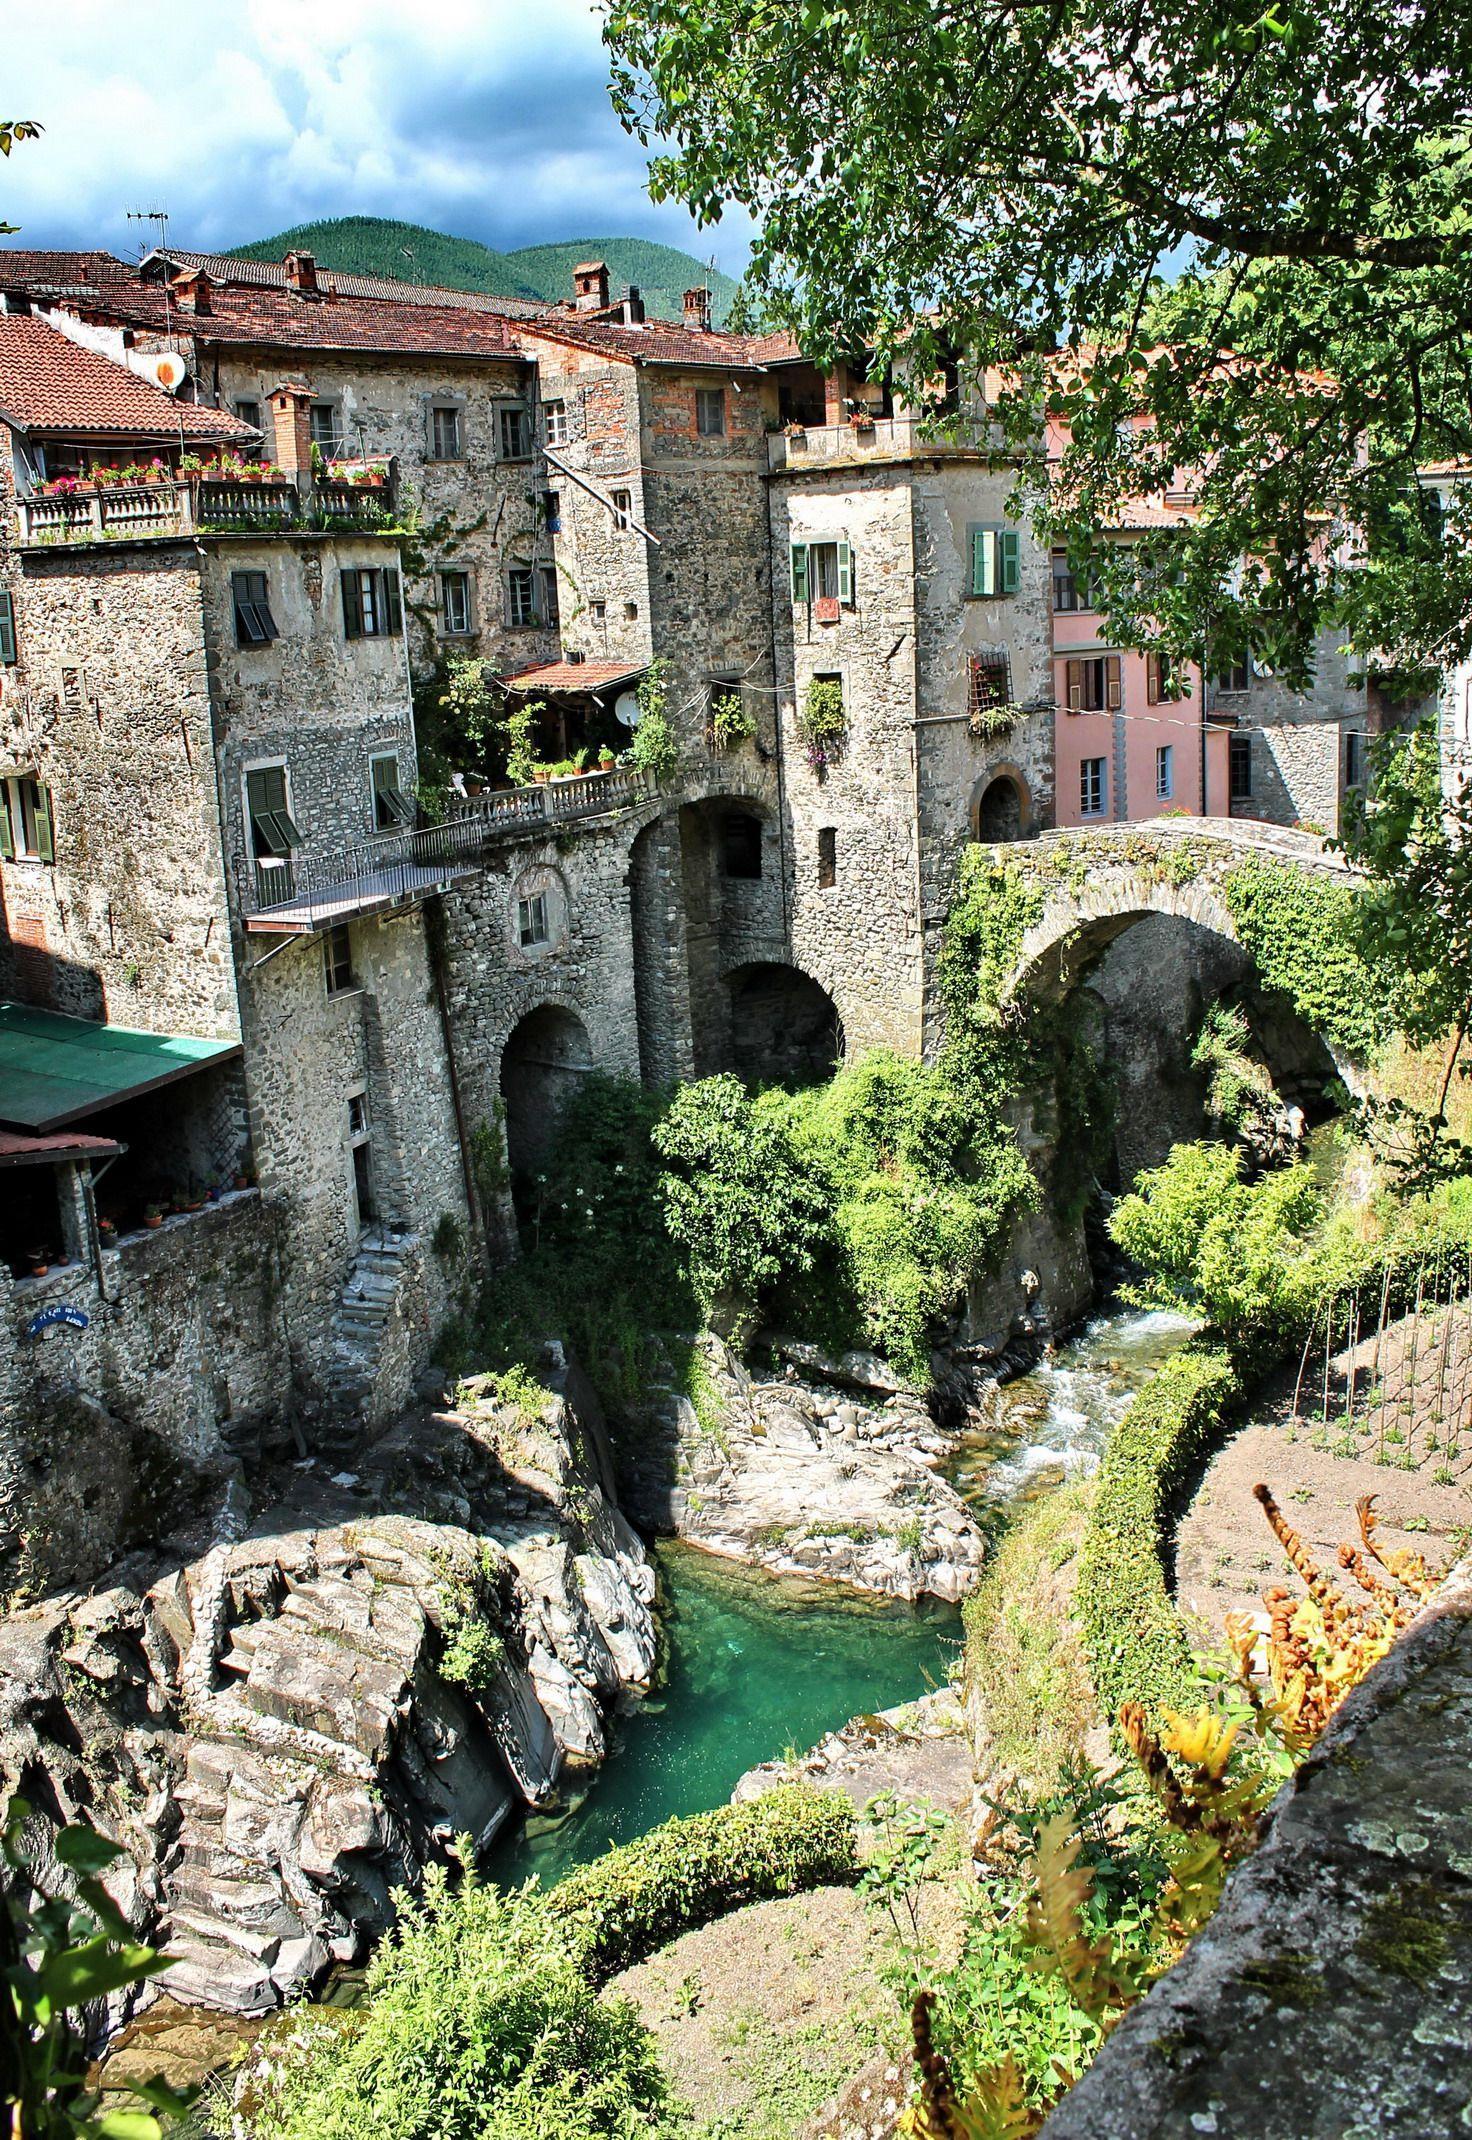 Title: Castello di Bagnone/ Town: Bagnone/ Province: Massa-Carrara/ Region: Tuscany(Toscana)/ Country: Central Italia